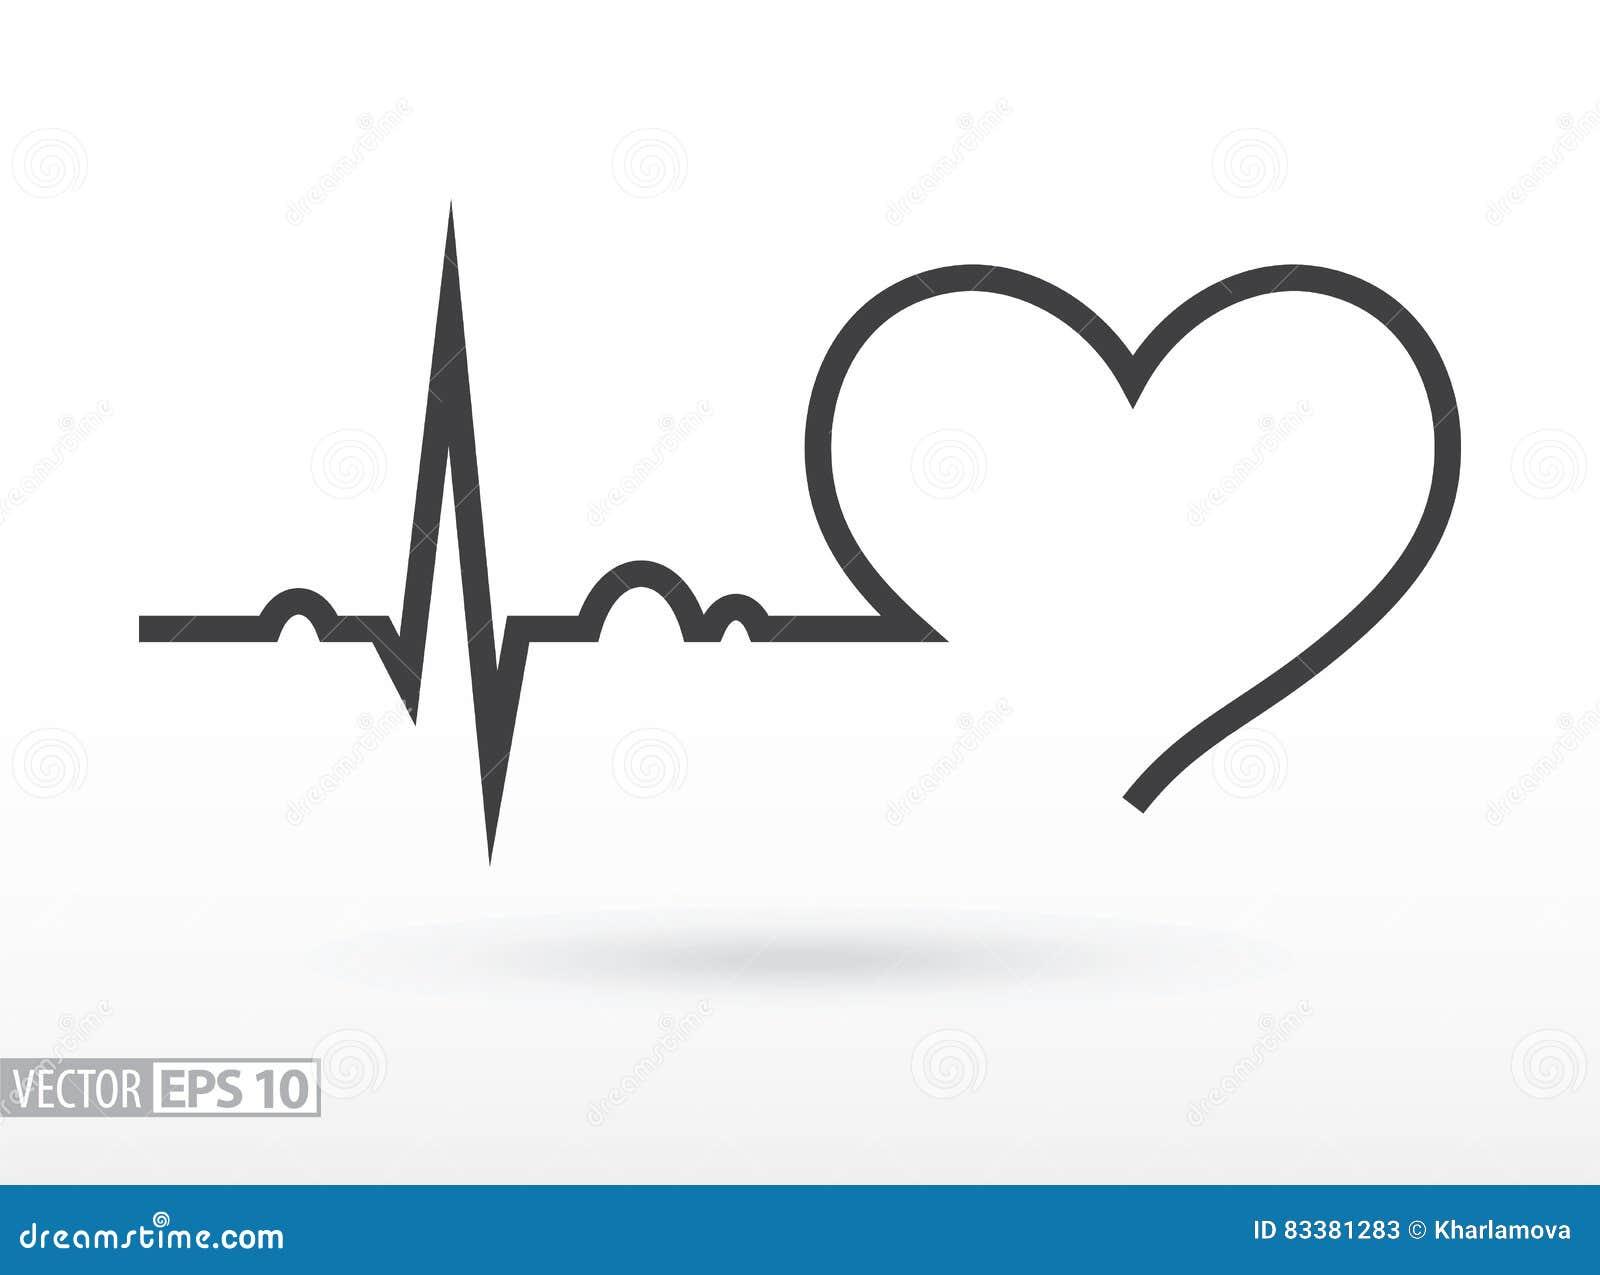 κτυπήστε την καρδιά καρδιογράφημα Καρδιακός κύκλος μαύρη ιατρική προστασία συκωτιού εικονιδίων αλλαγής απλά άσπρη